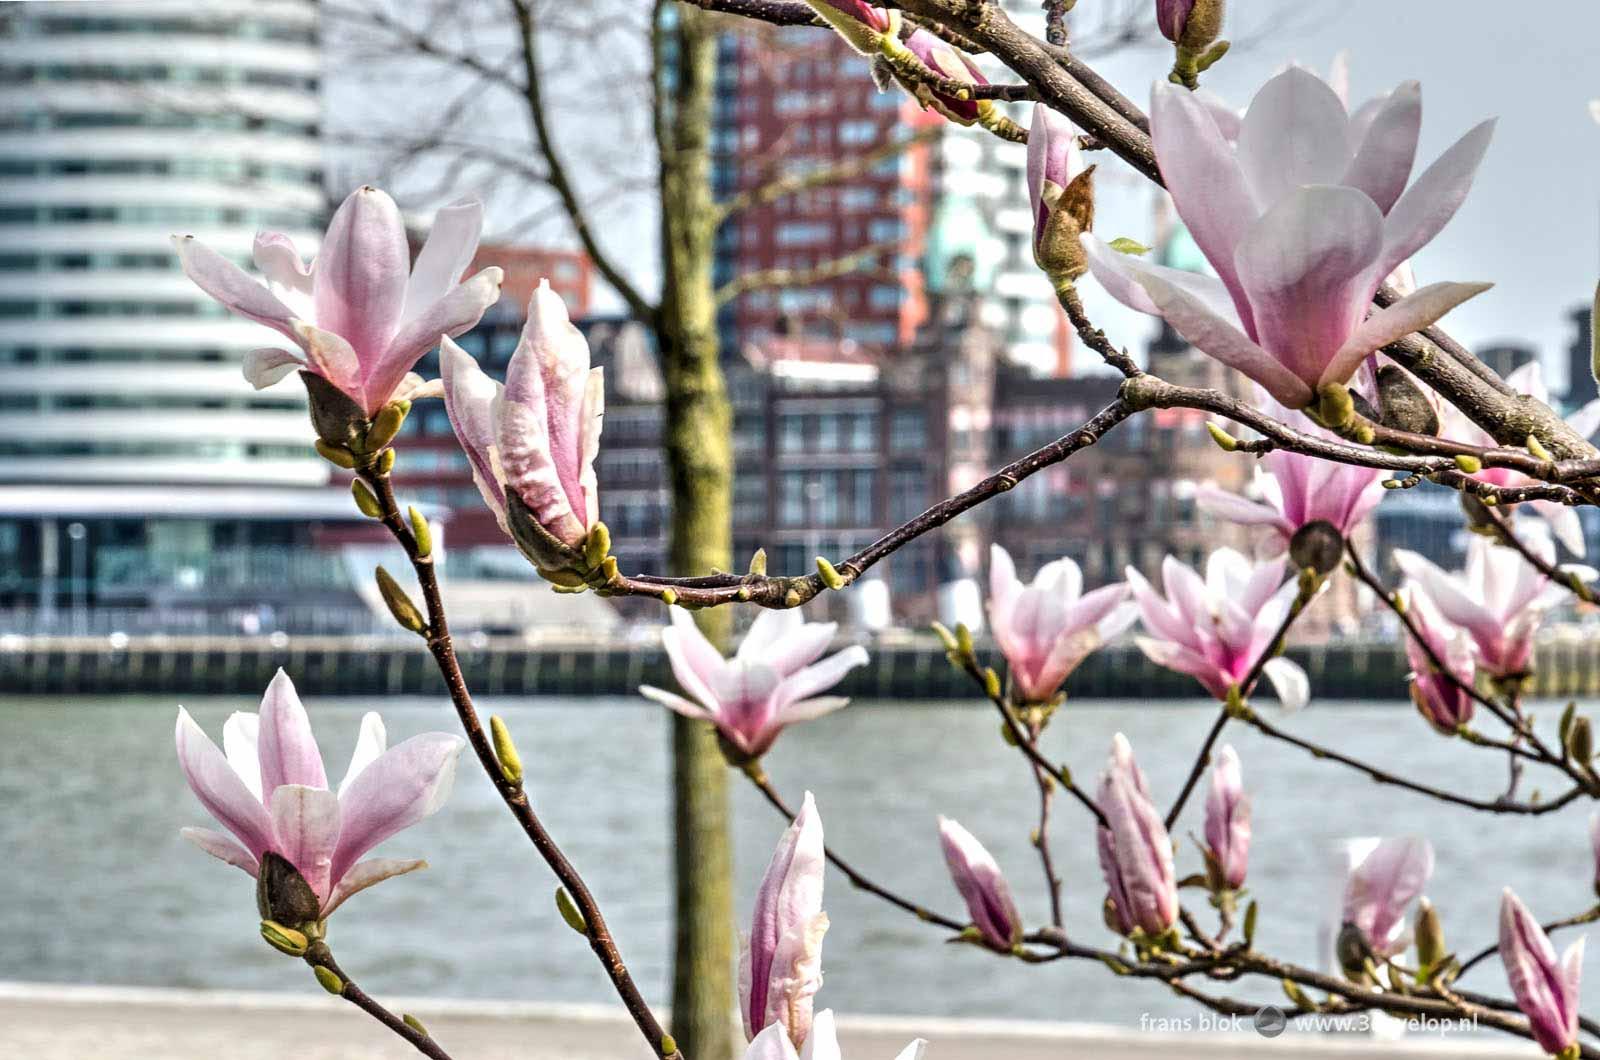 Close-up van de bloemen van een magnolia in de lente, op de Willemskade in Rotterdam, met op de achtergrond de Nieuwe Maas, en de Wilhelminapier met o.a. Hotel New York